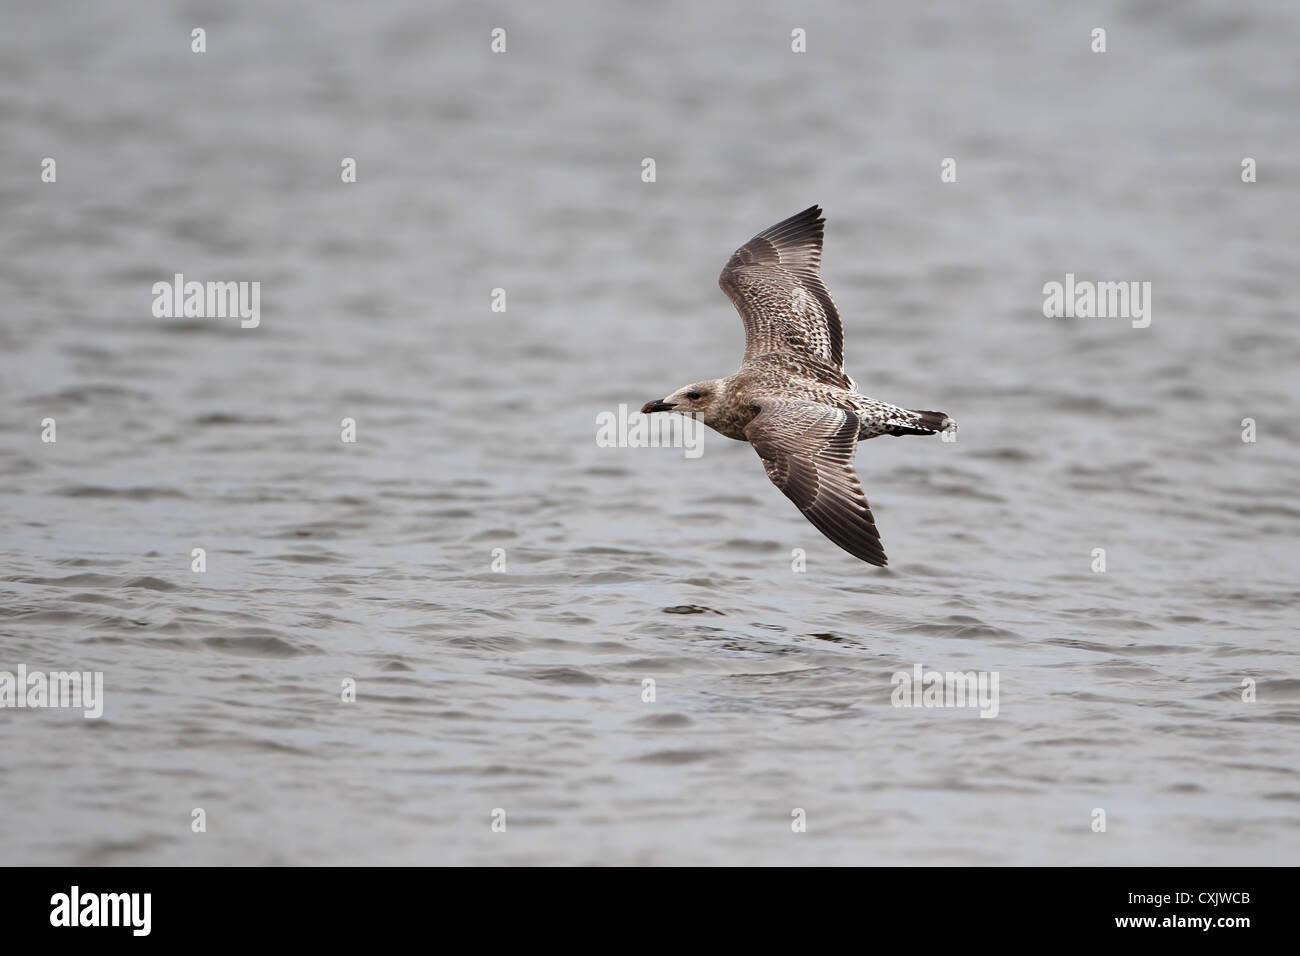 Herring Gull (Larus argentatus) - Stock Image